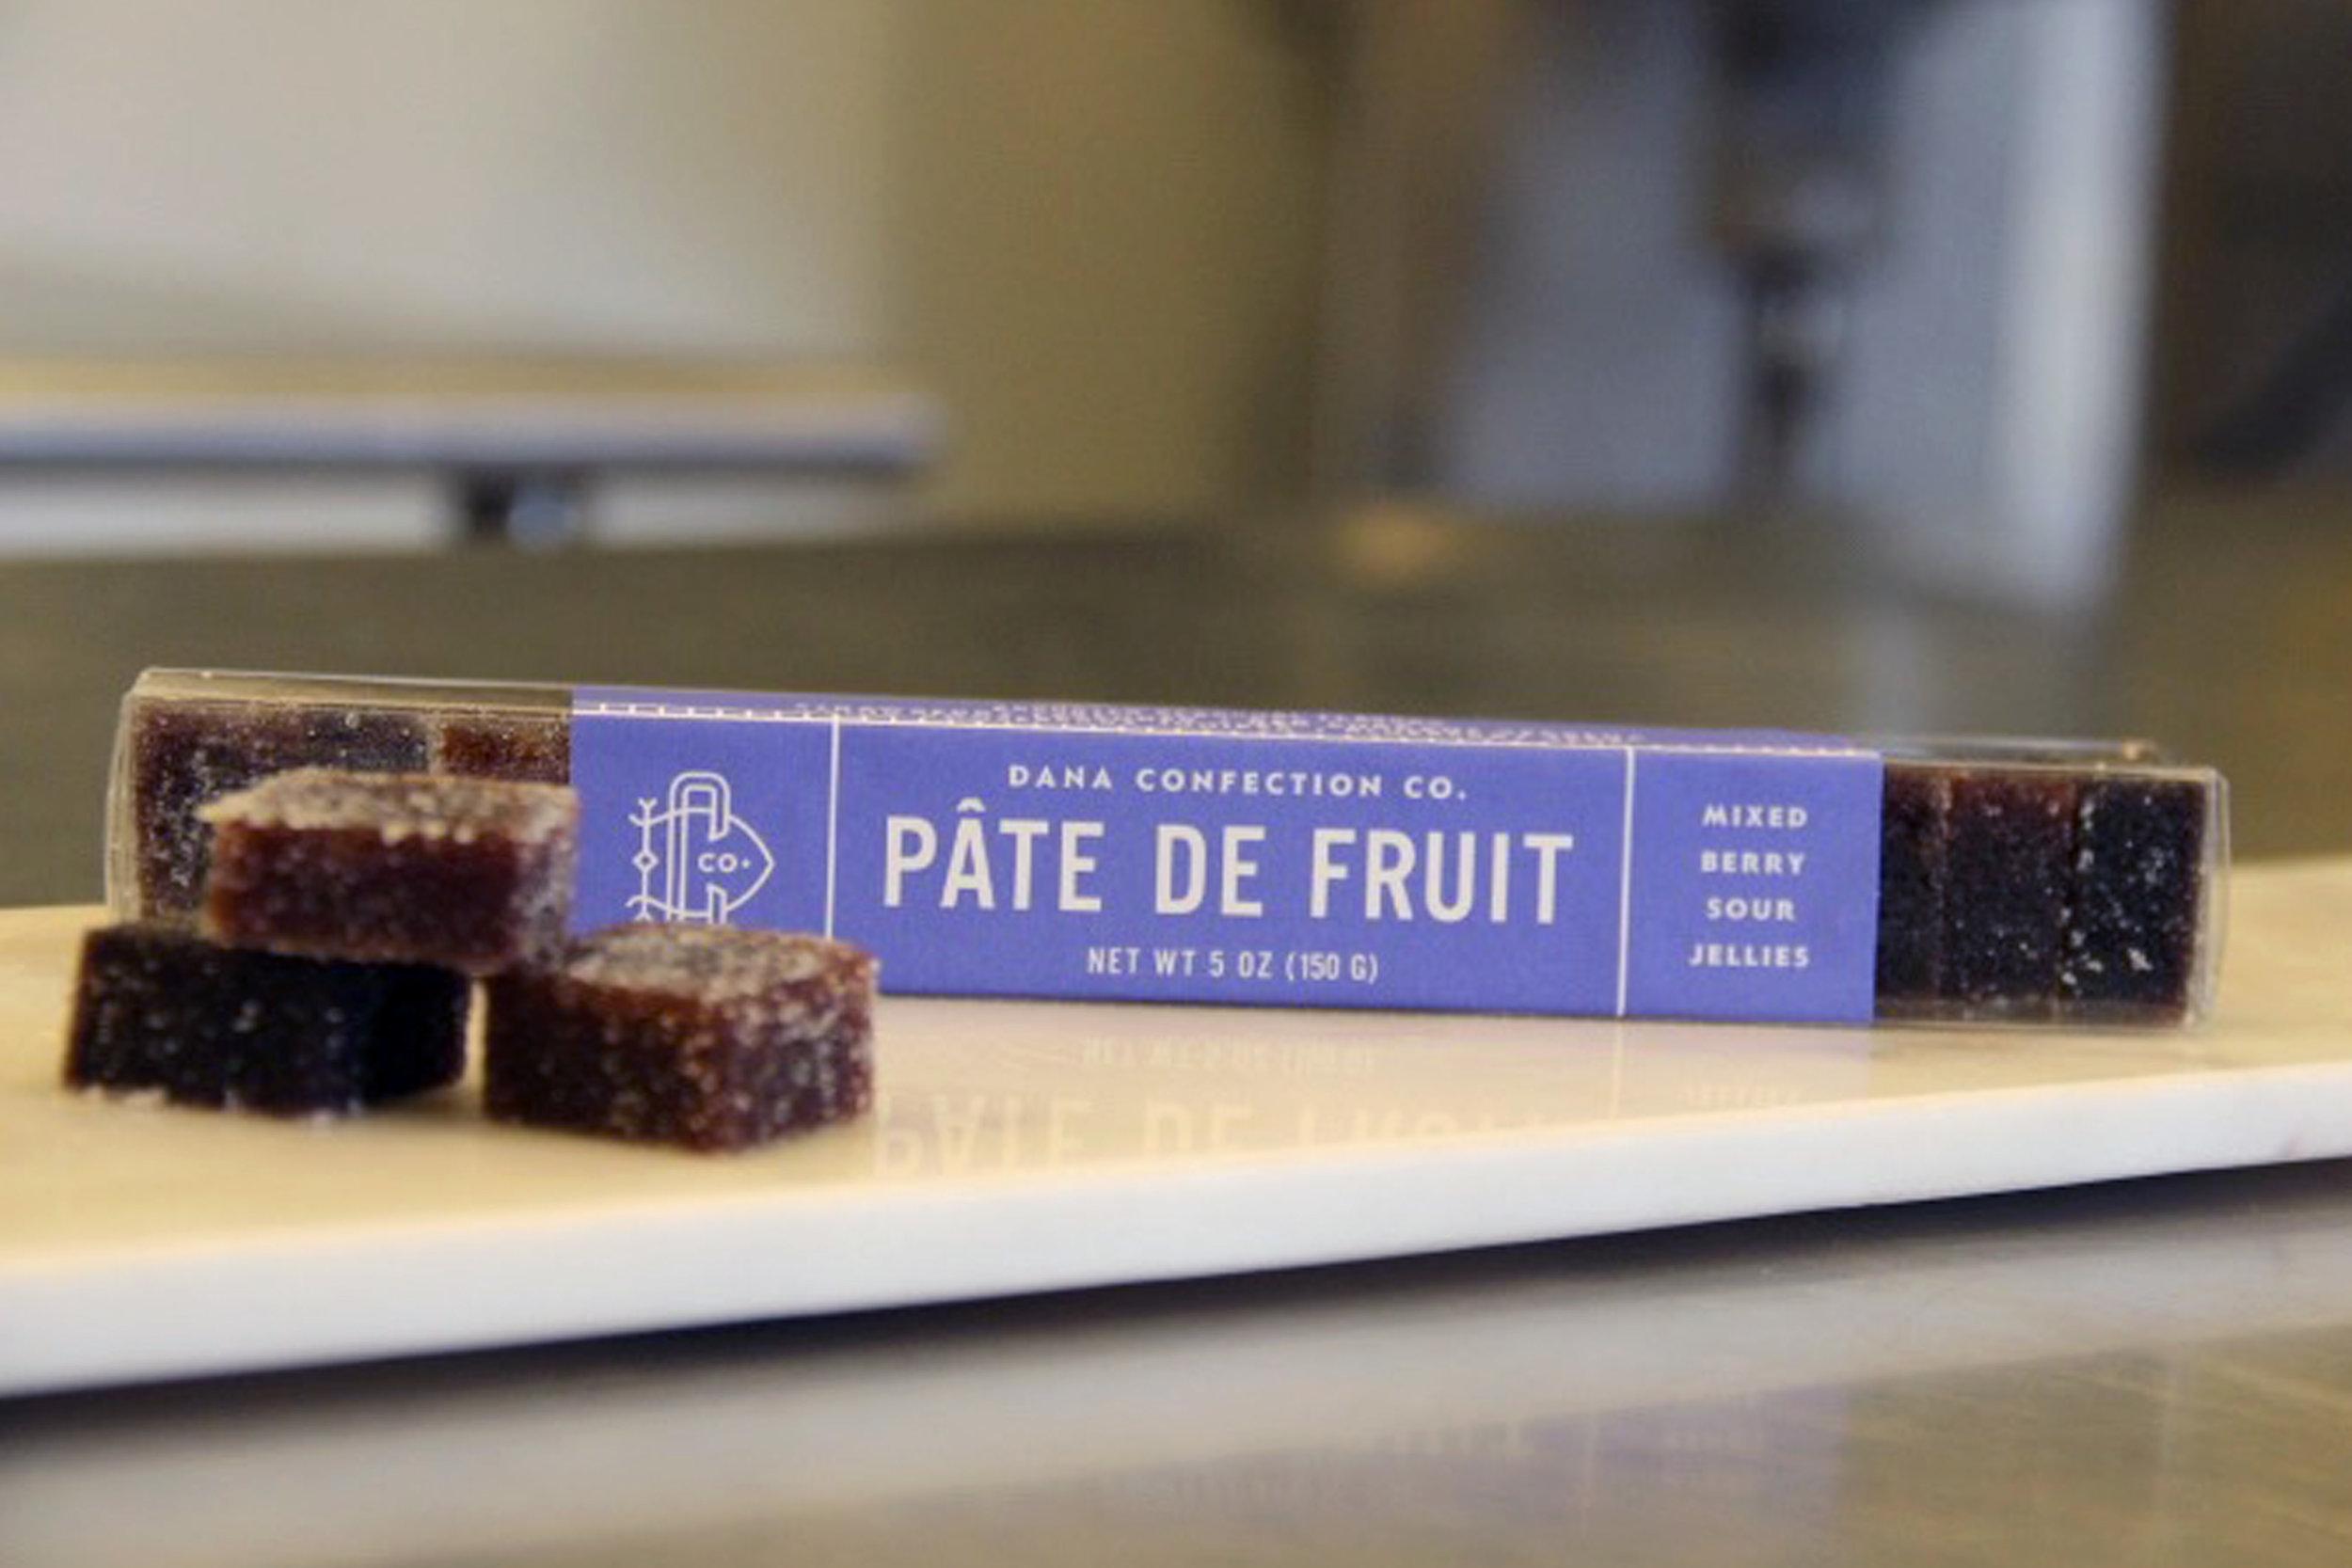 Pate+de+Fruit-+packaged.jpg